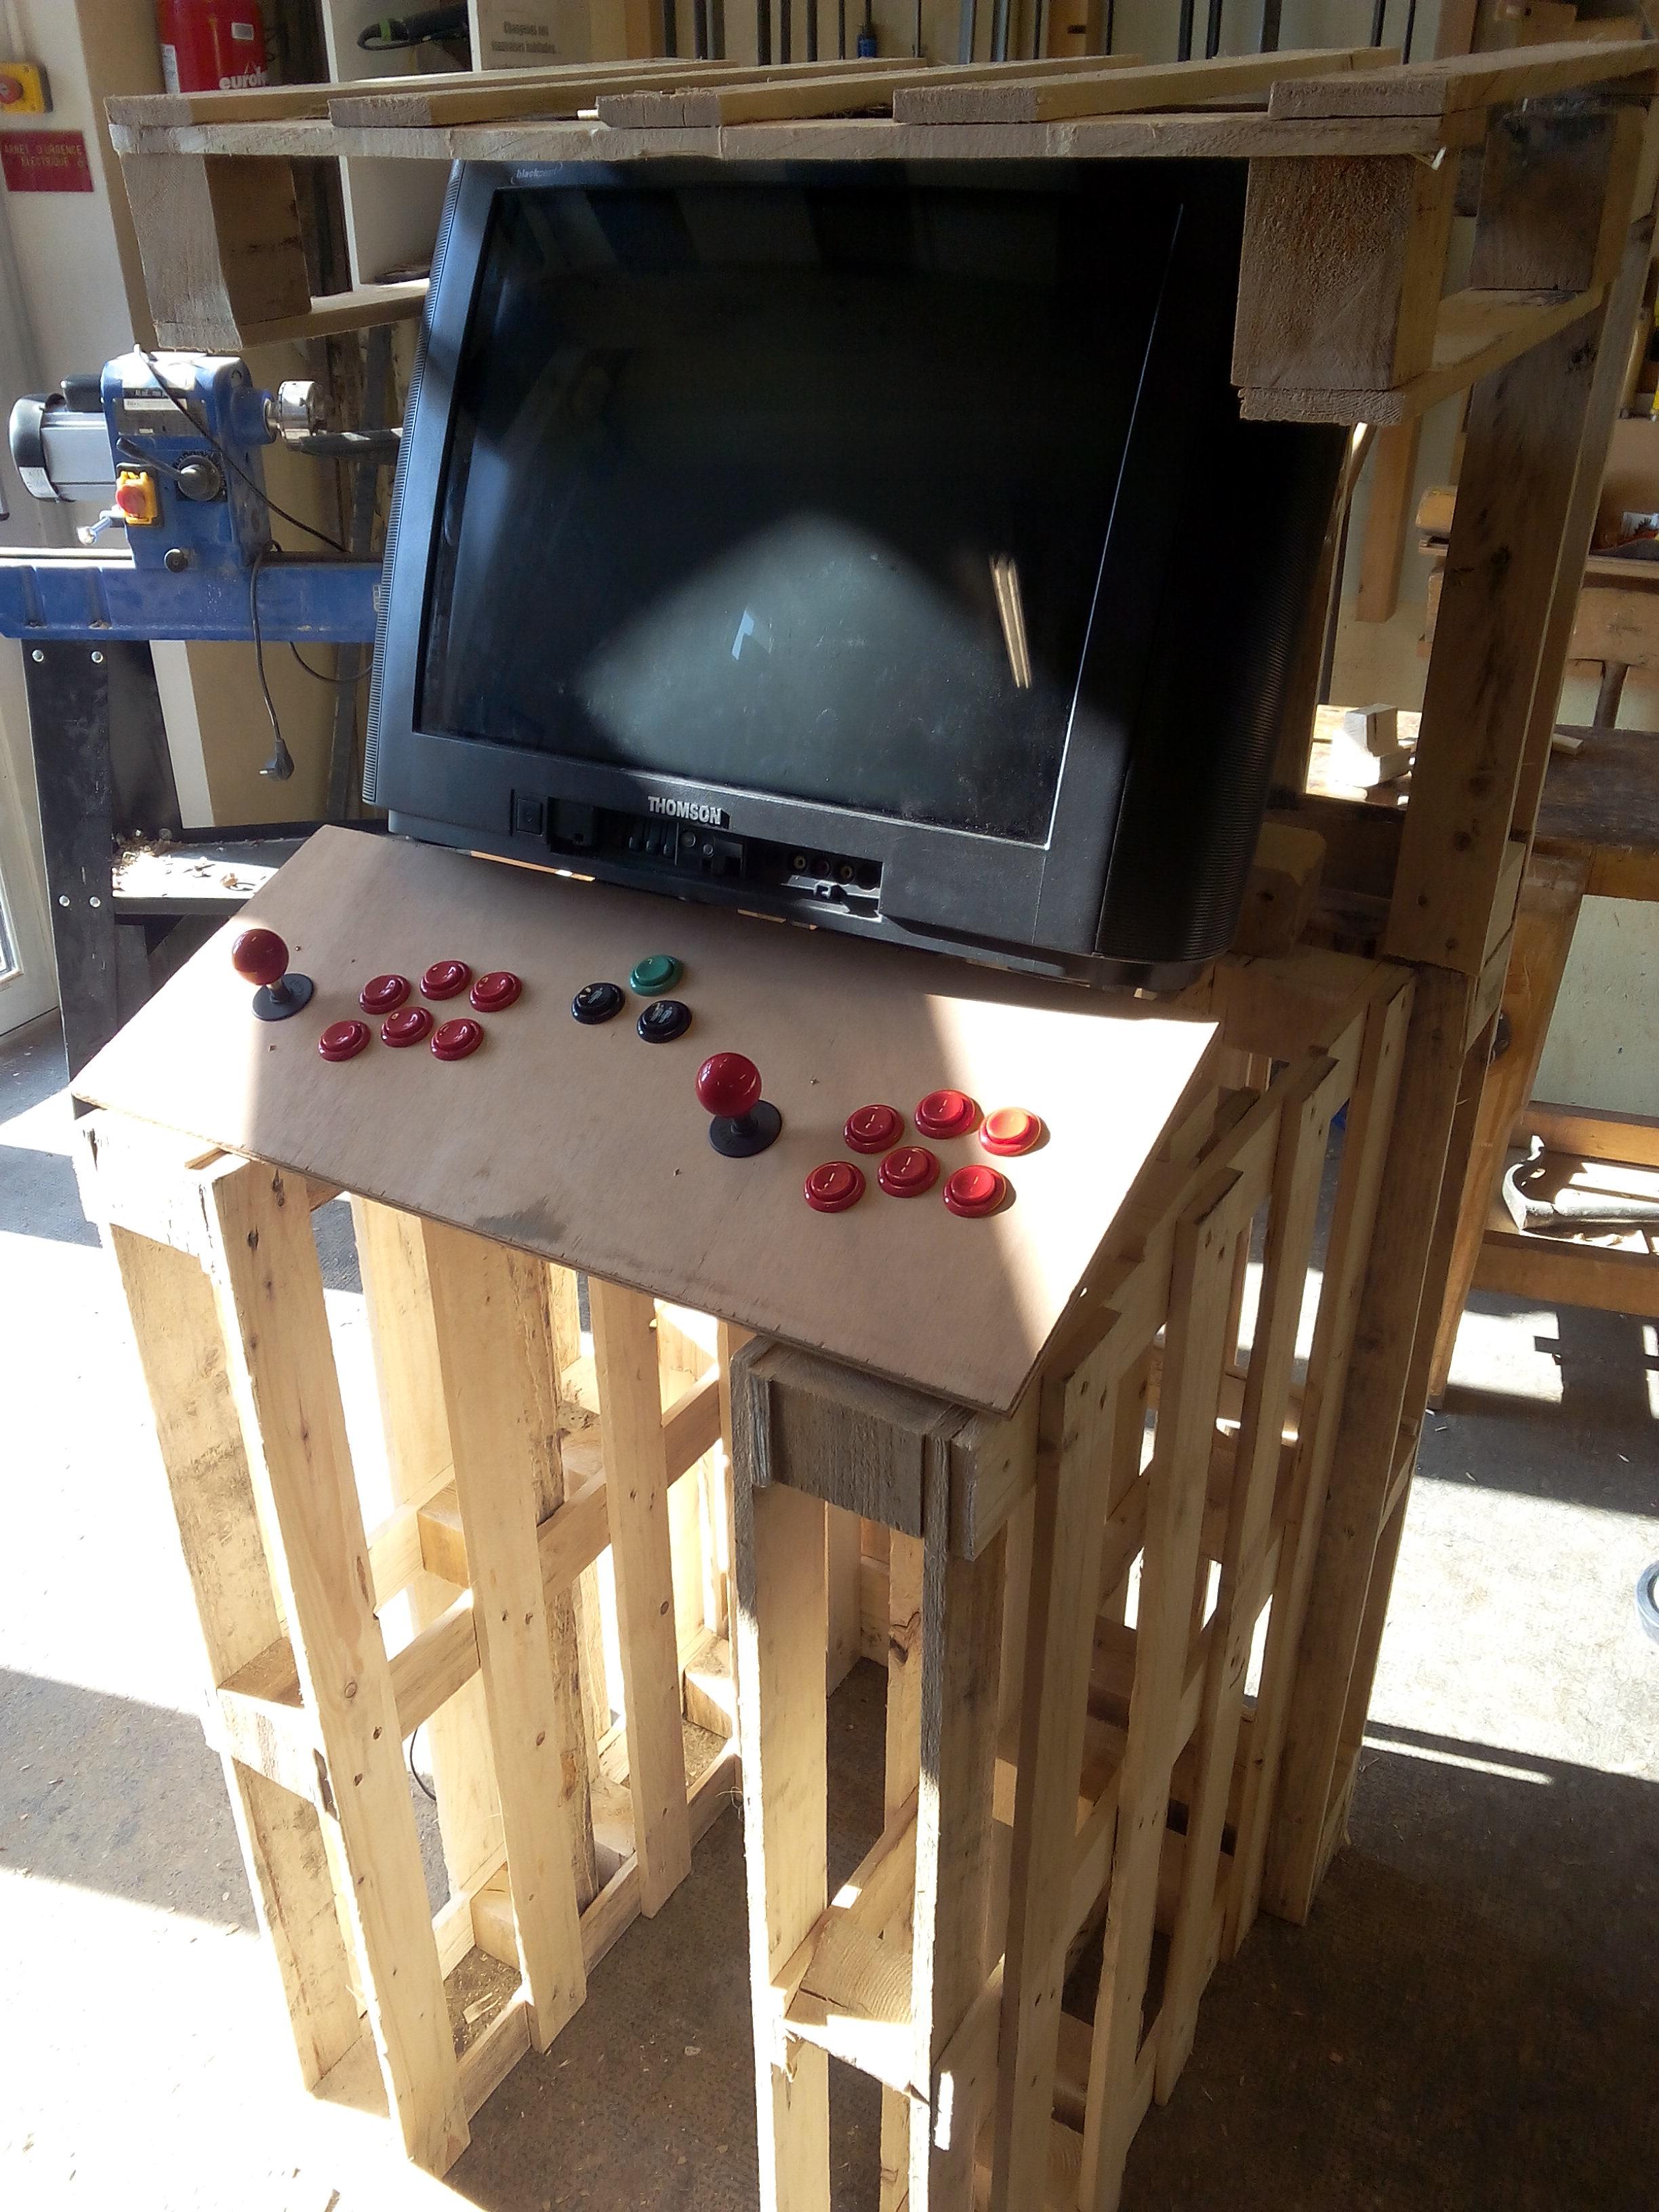 Construire une borne d 39 arcade c 39 est possible 3 hit combo - Borne d arcade maison ...